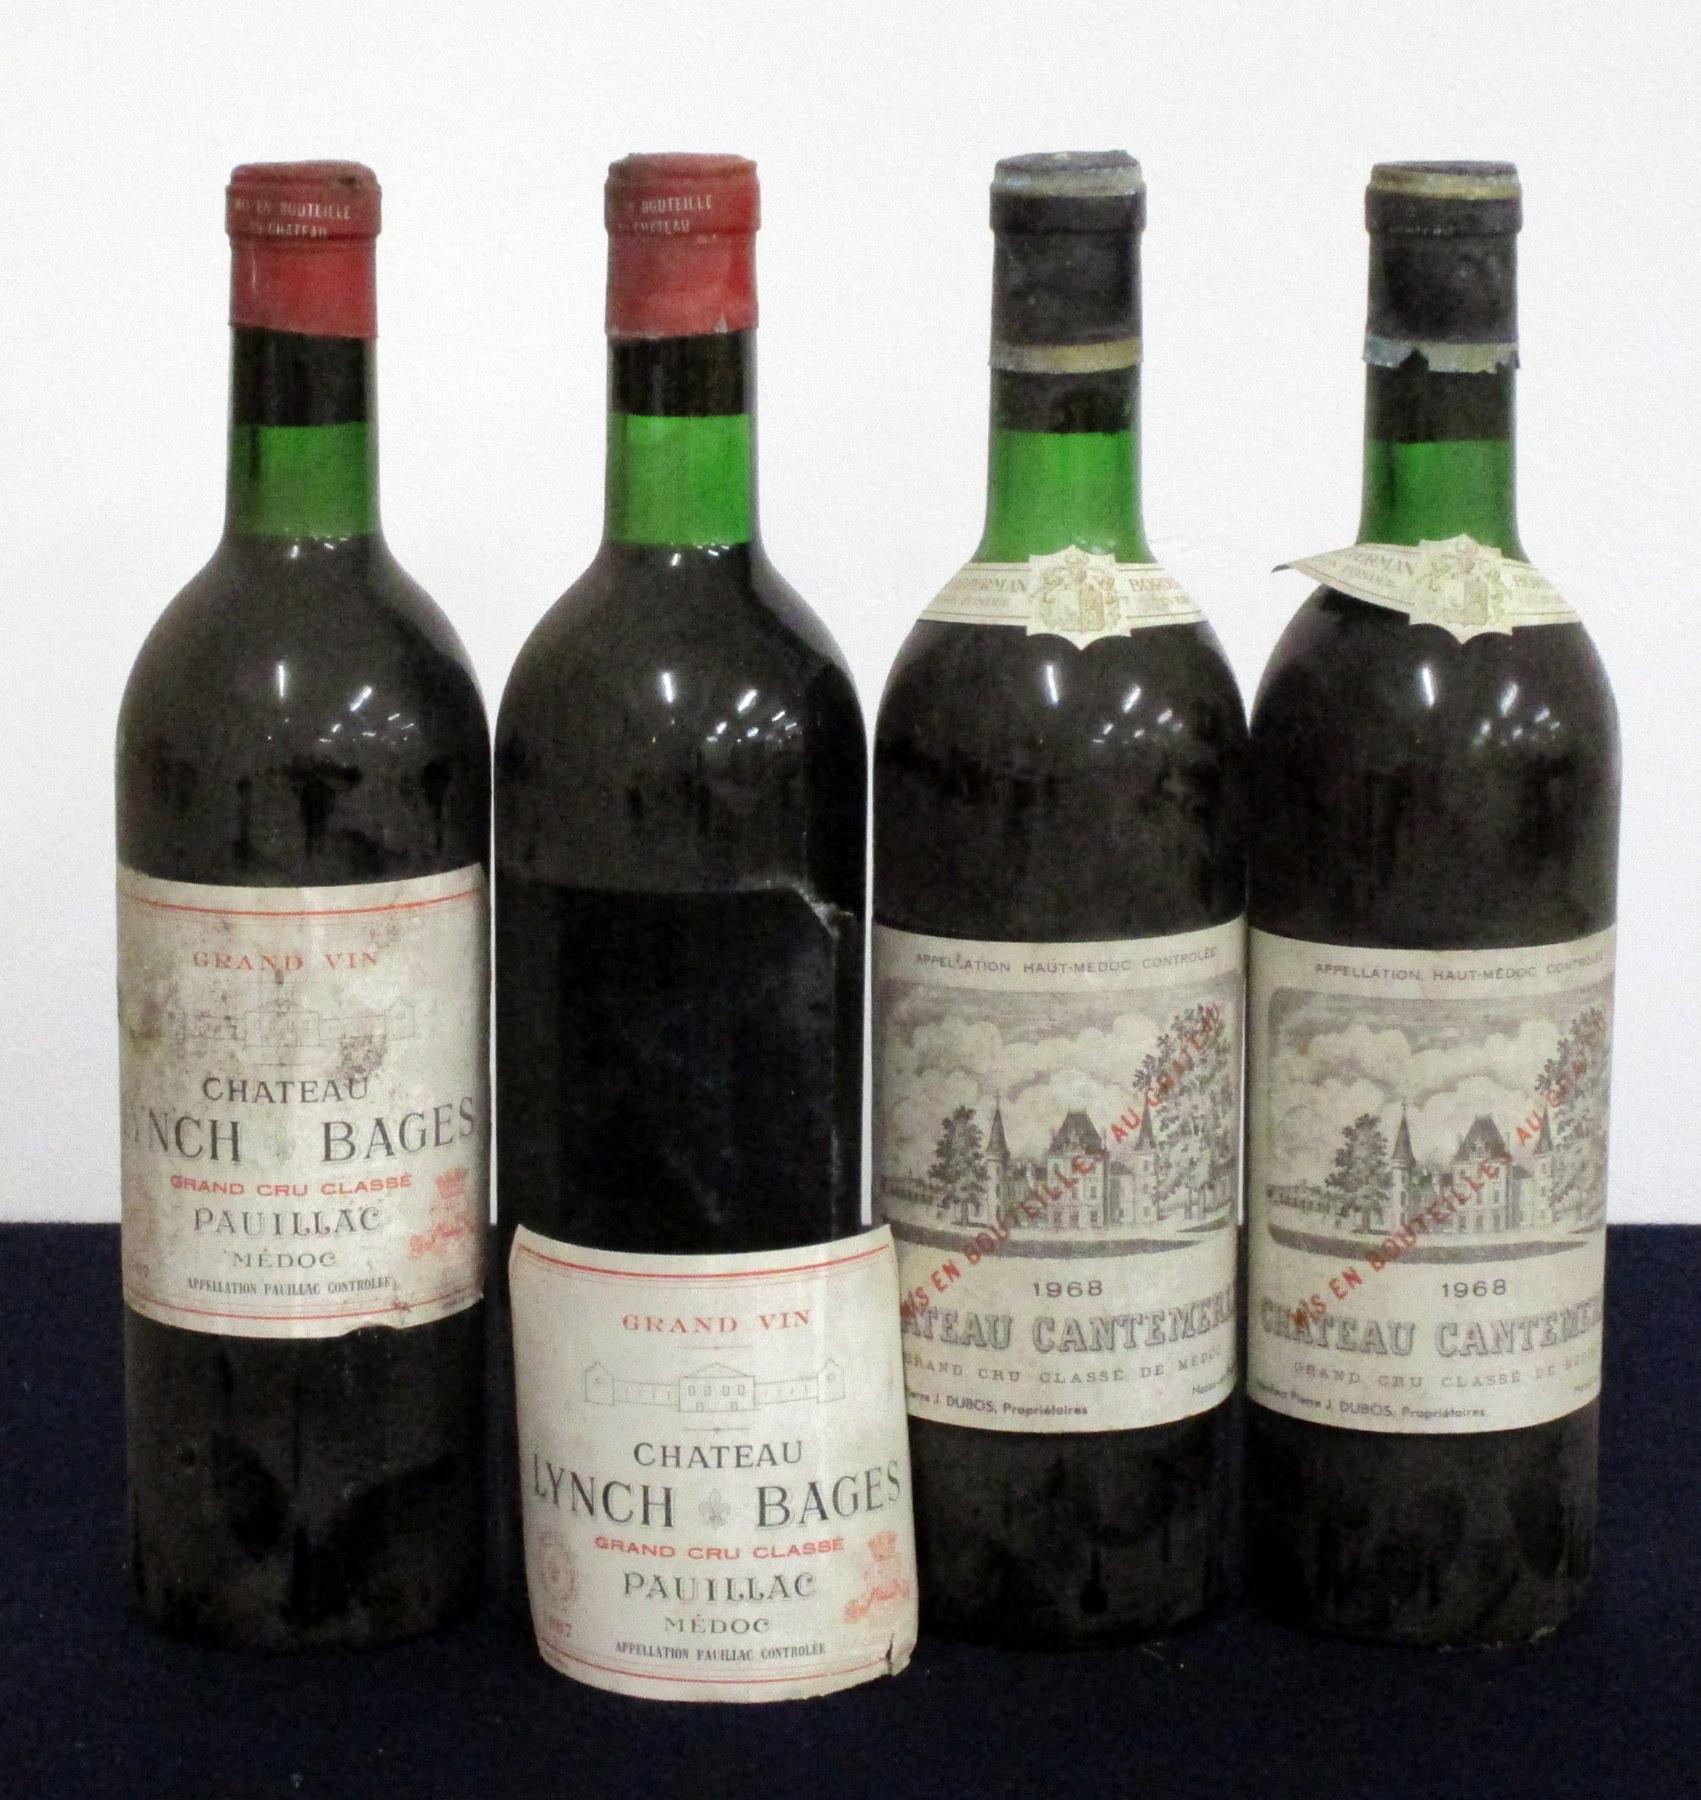 2 bts Ch. Lynch Bages 1967 Pauillac Grand Cru Classé vts, ts, bs, vsl foil damage, 1 loose label 2